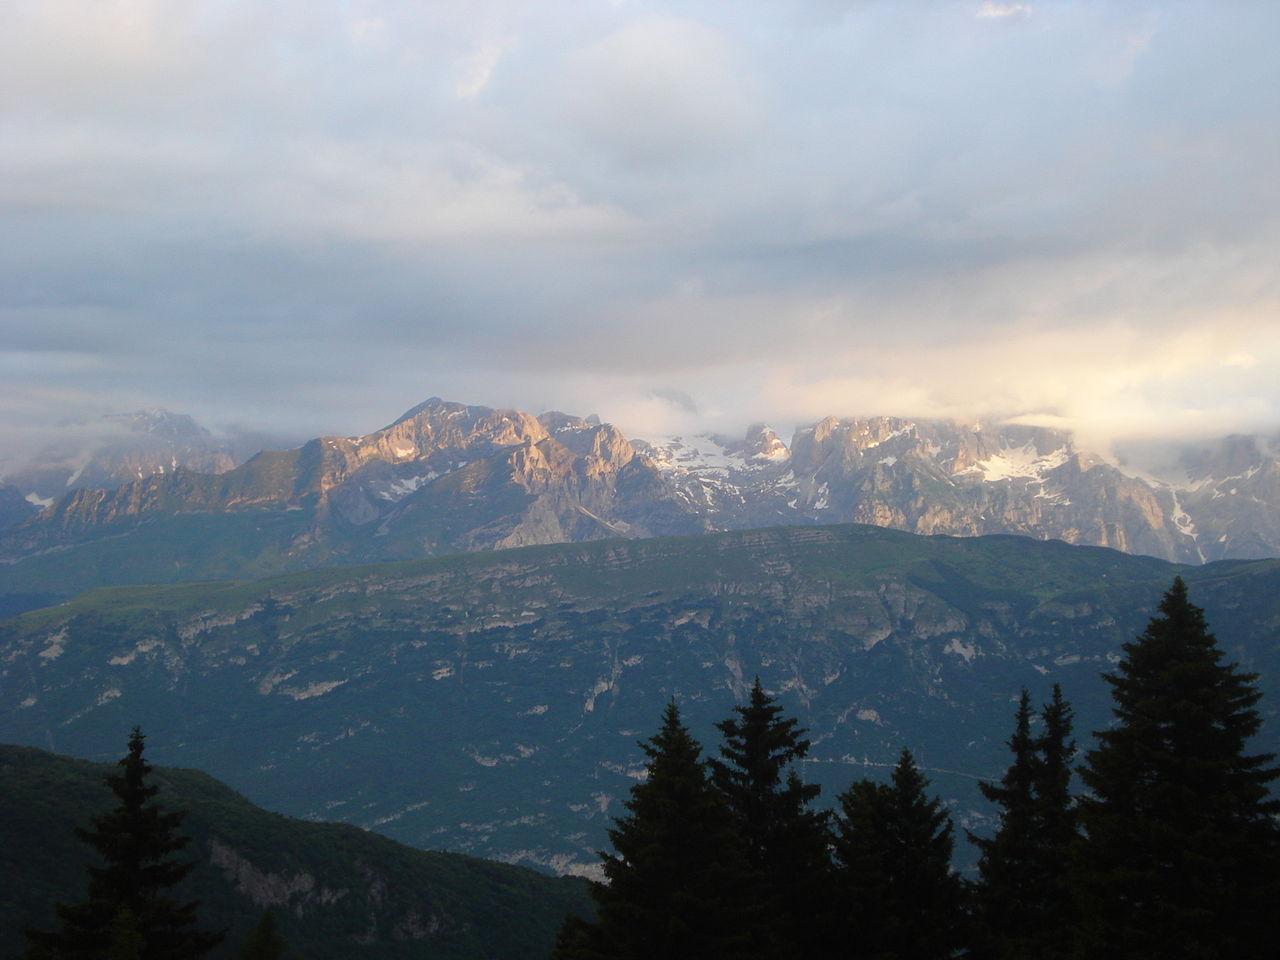 1280px-Dolomiti_del_brenta_da_Vason_(Monte_Bondone)[1]